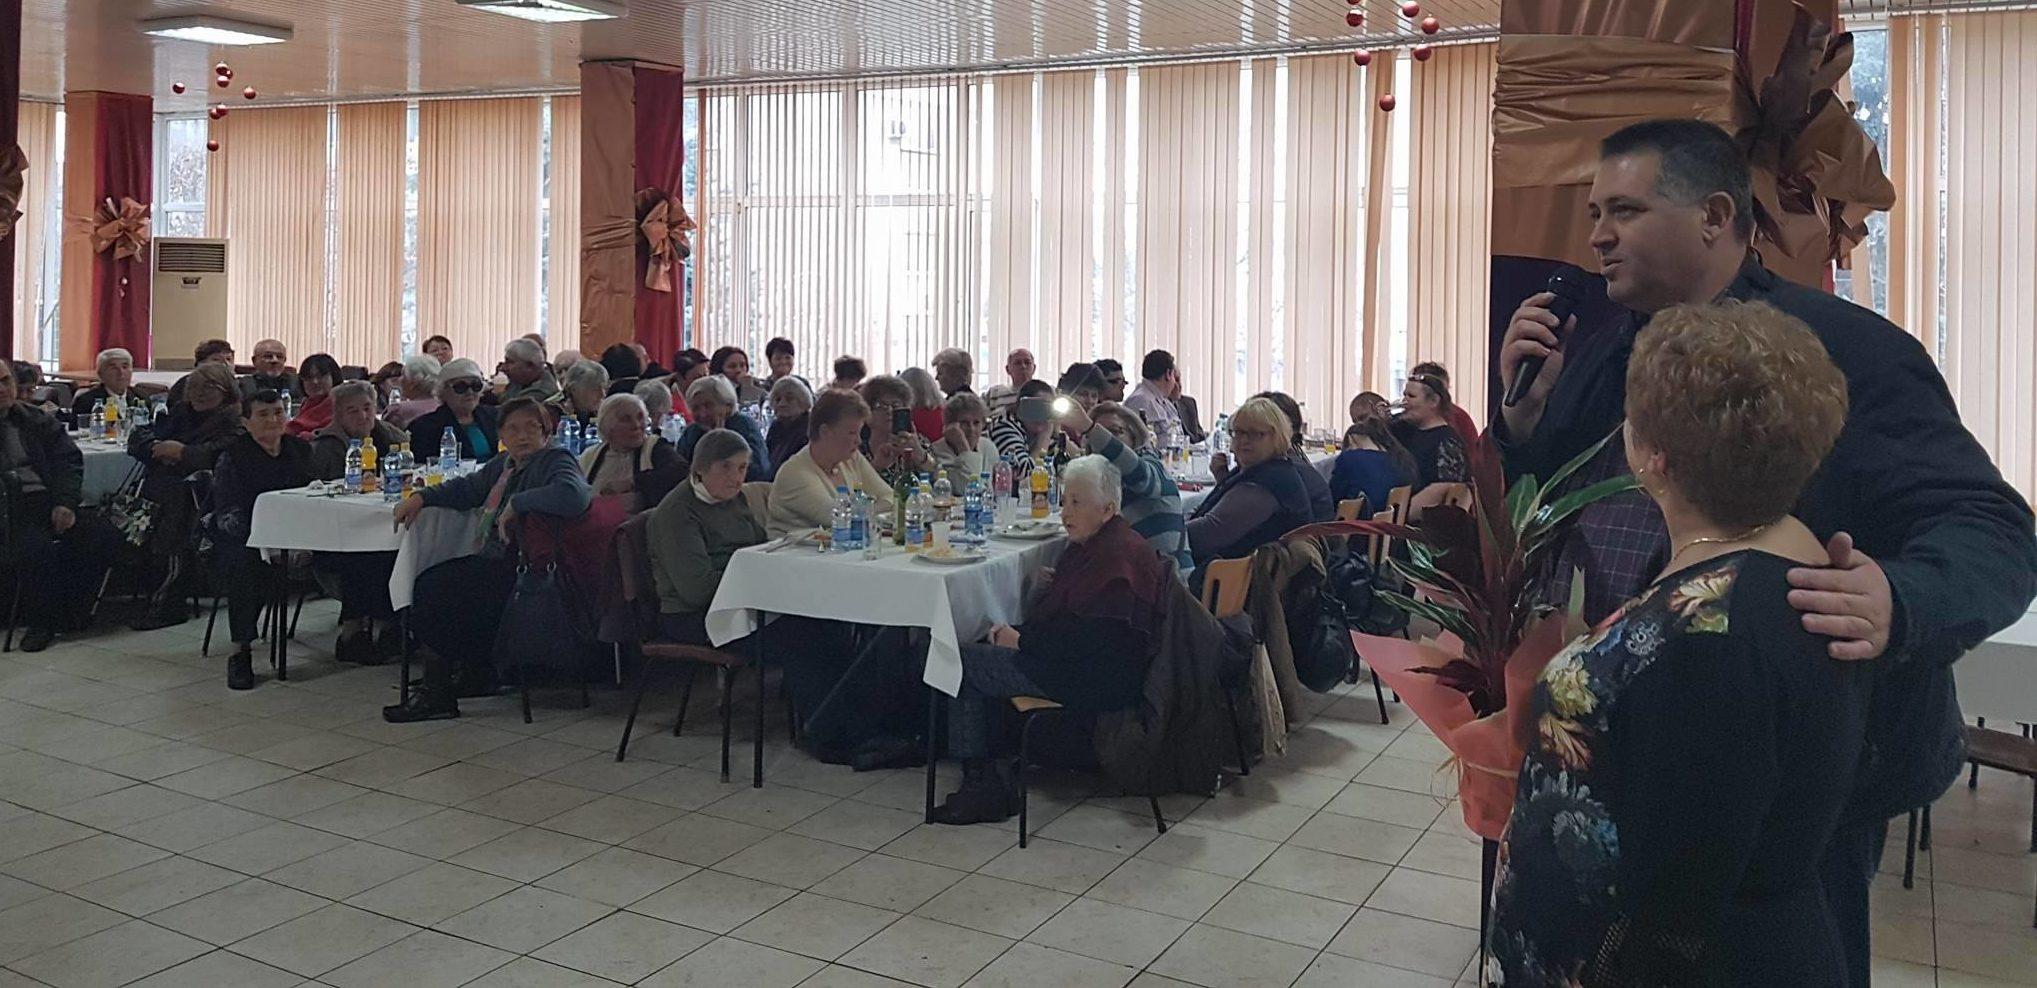 Кметът на Разград д-р Валентин Василев поздрави хората ...